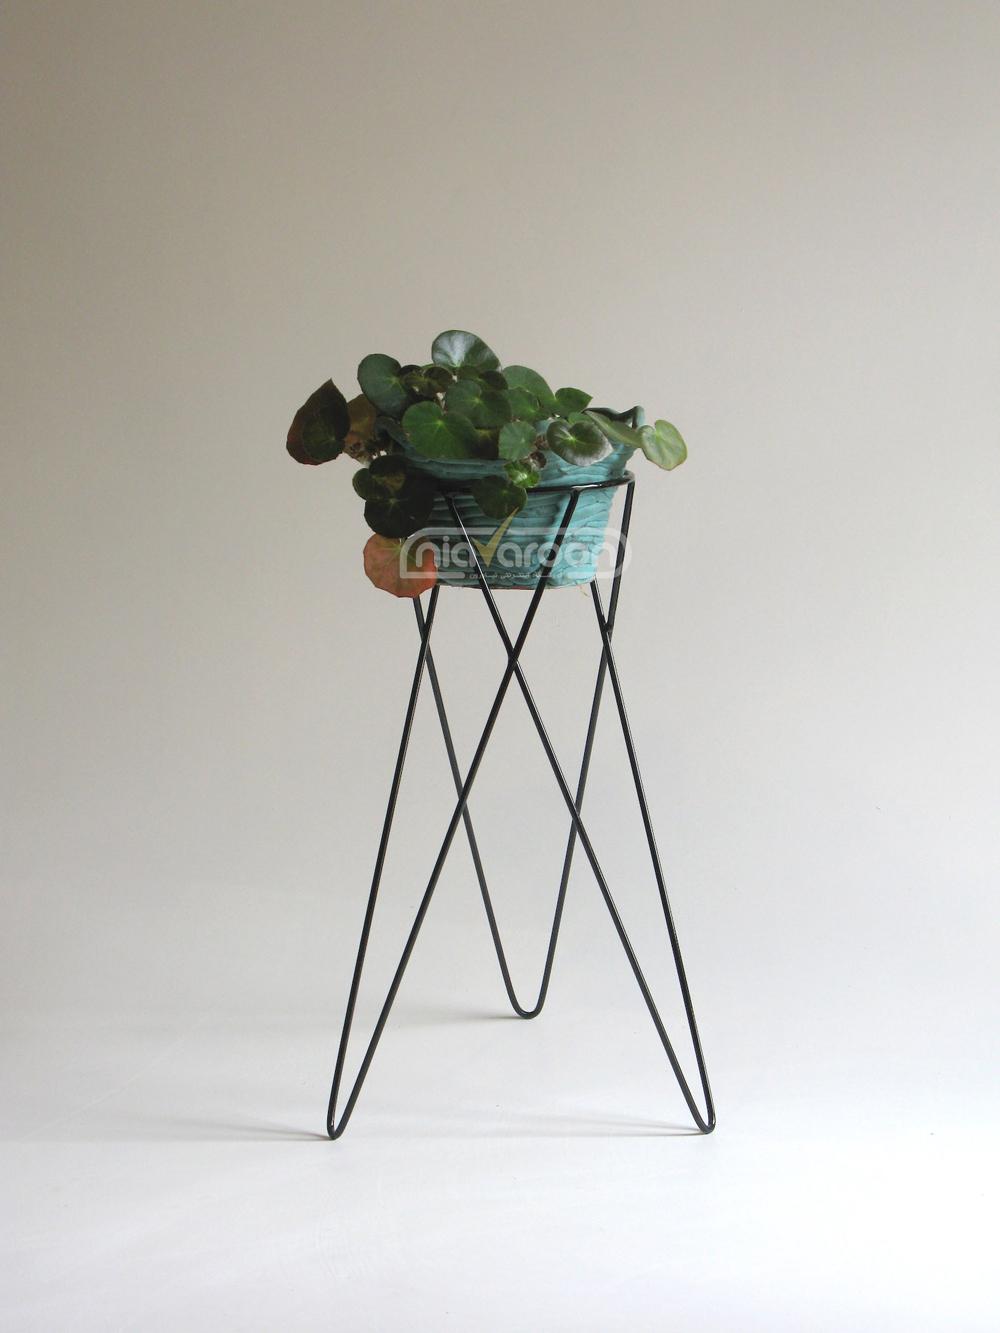 پایه گلدان توسکا